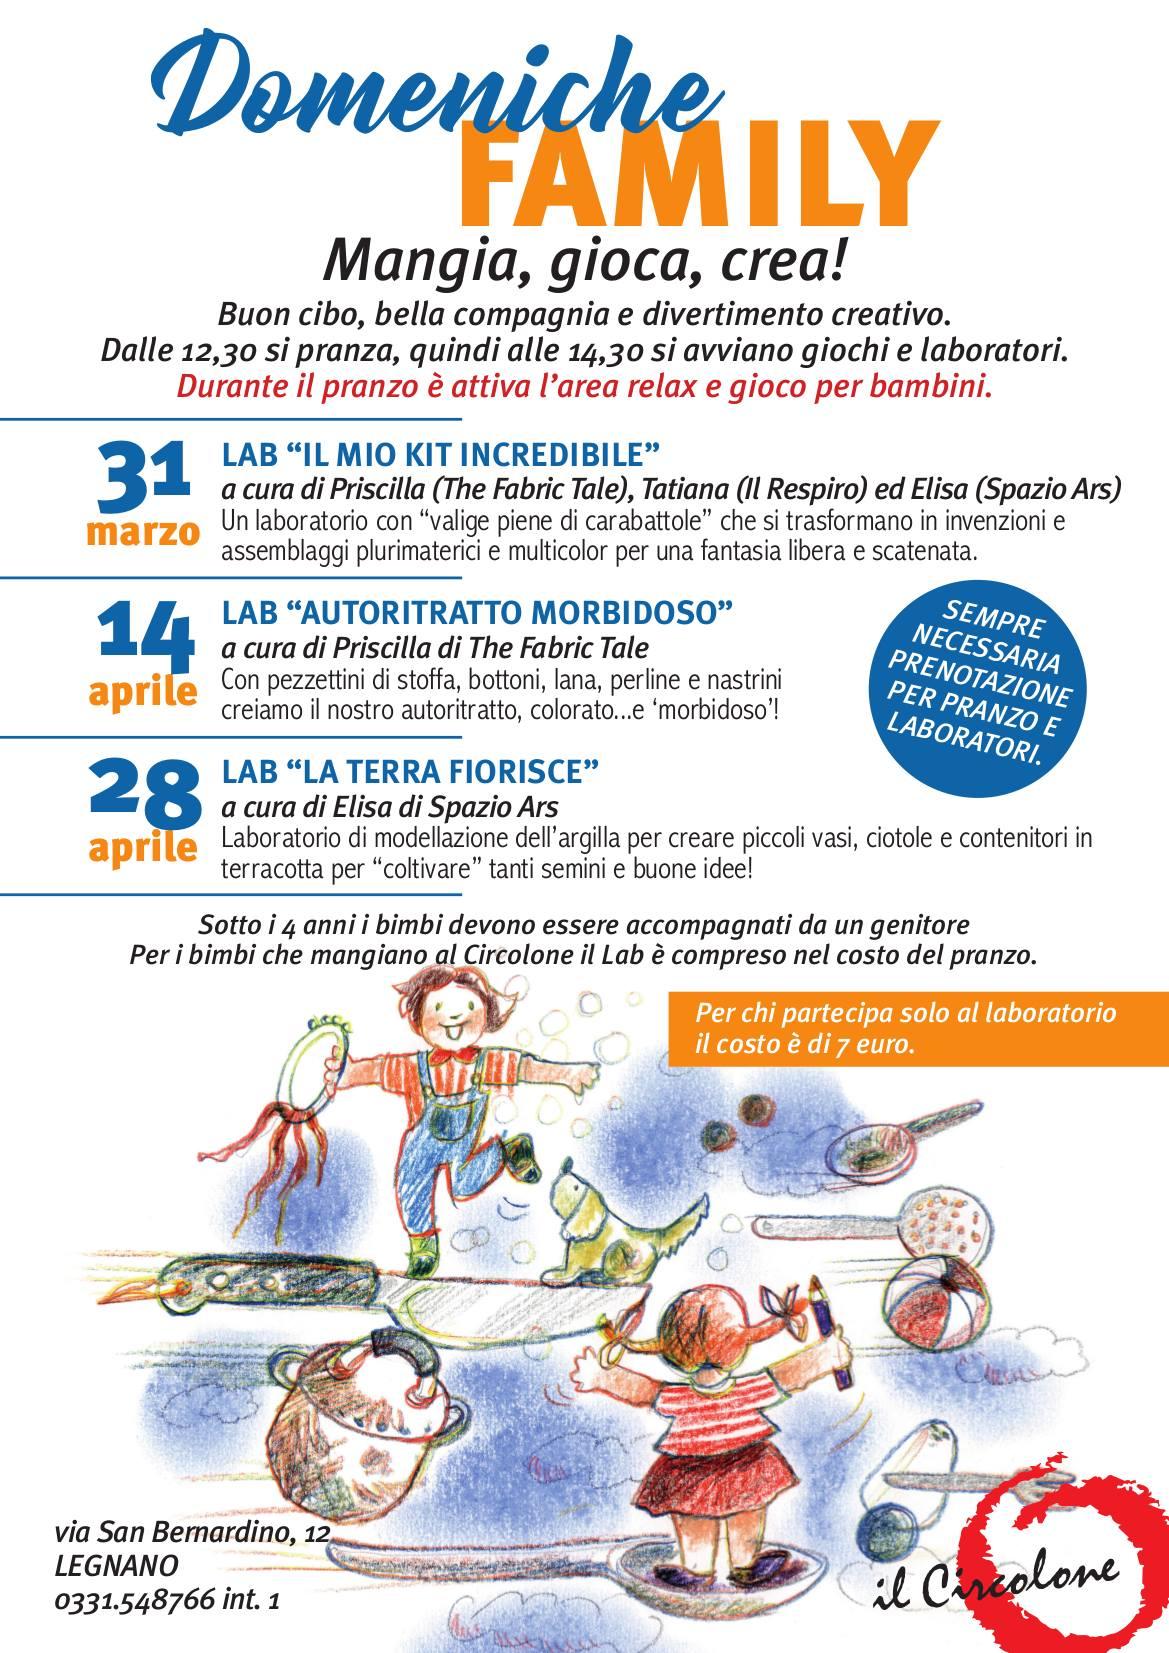 Domenica 31 Marzo – DOMENICHE FAMILY – Mangia, Gioca, Crea! – Circolone di Legnano in collaborazione con Il Respiro, Spazio Ars e The Fabric Tale